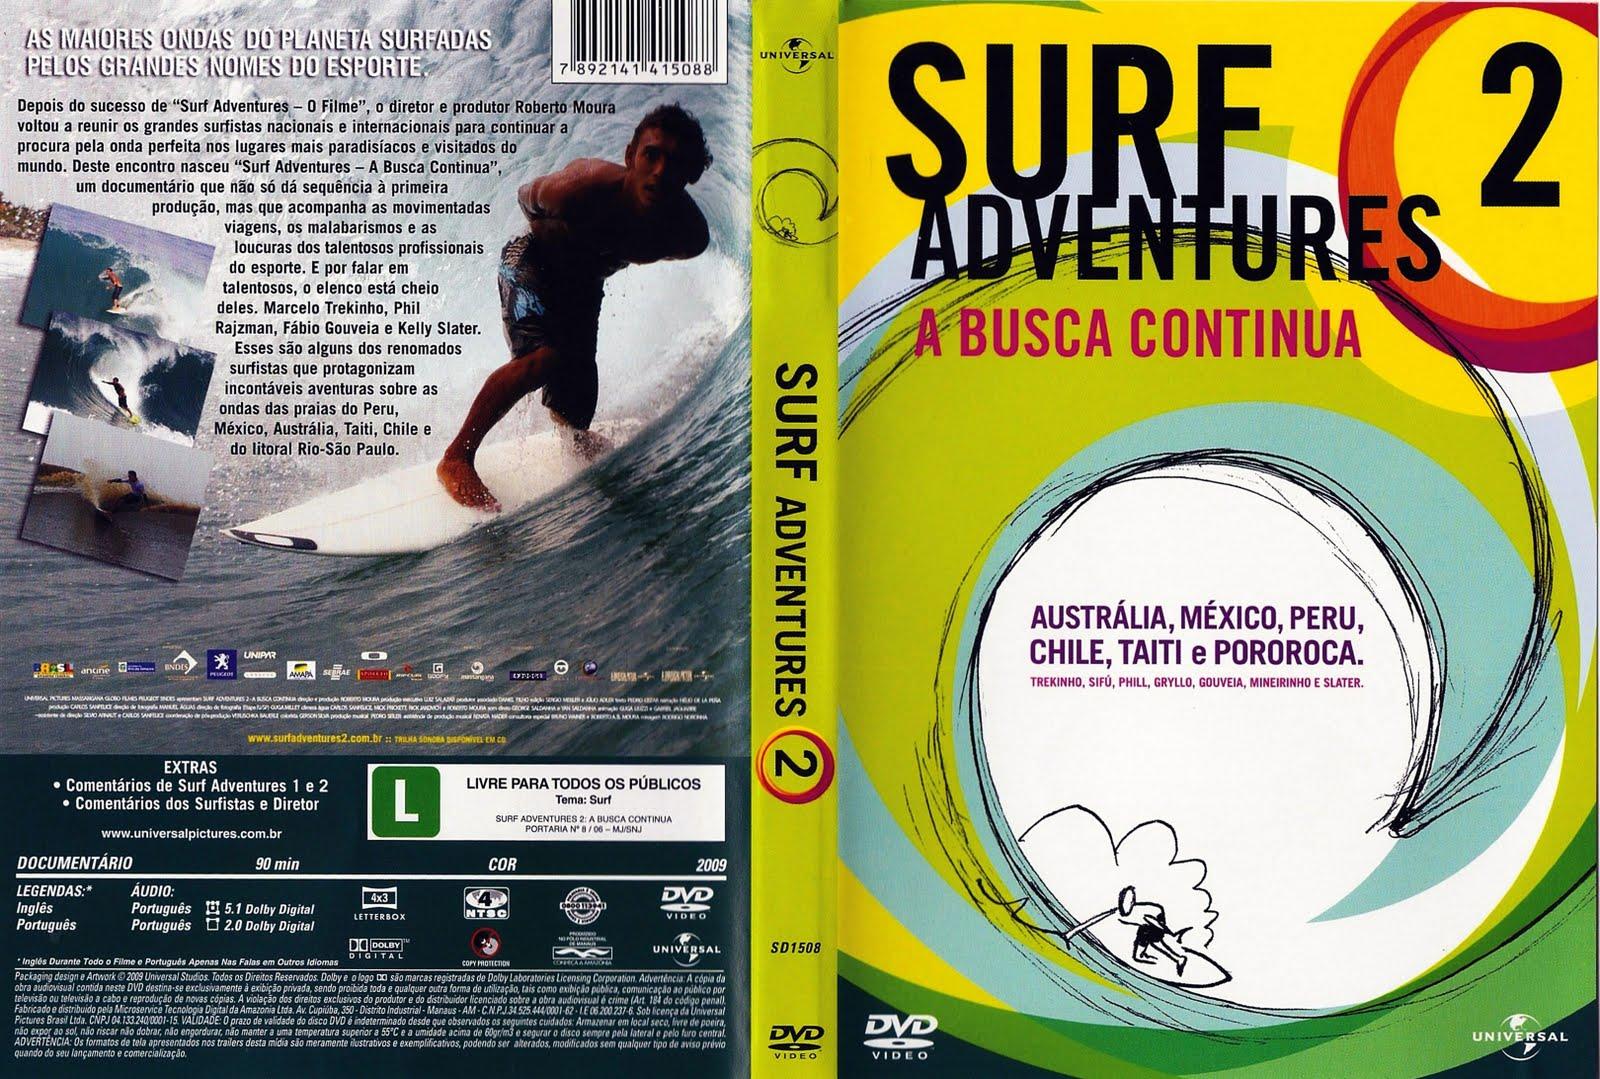 Resultado de imagem para surf adventures 2